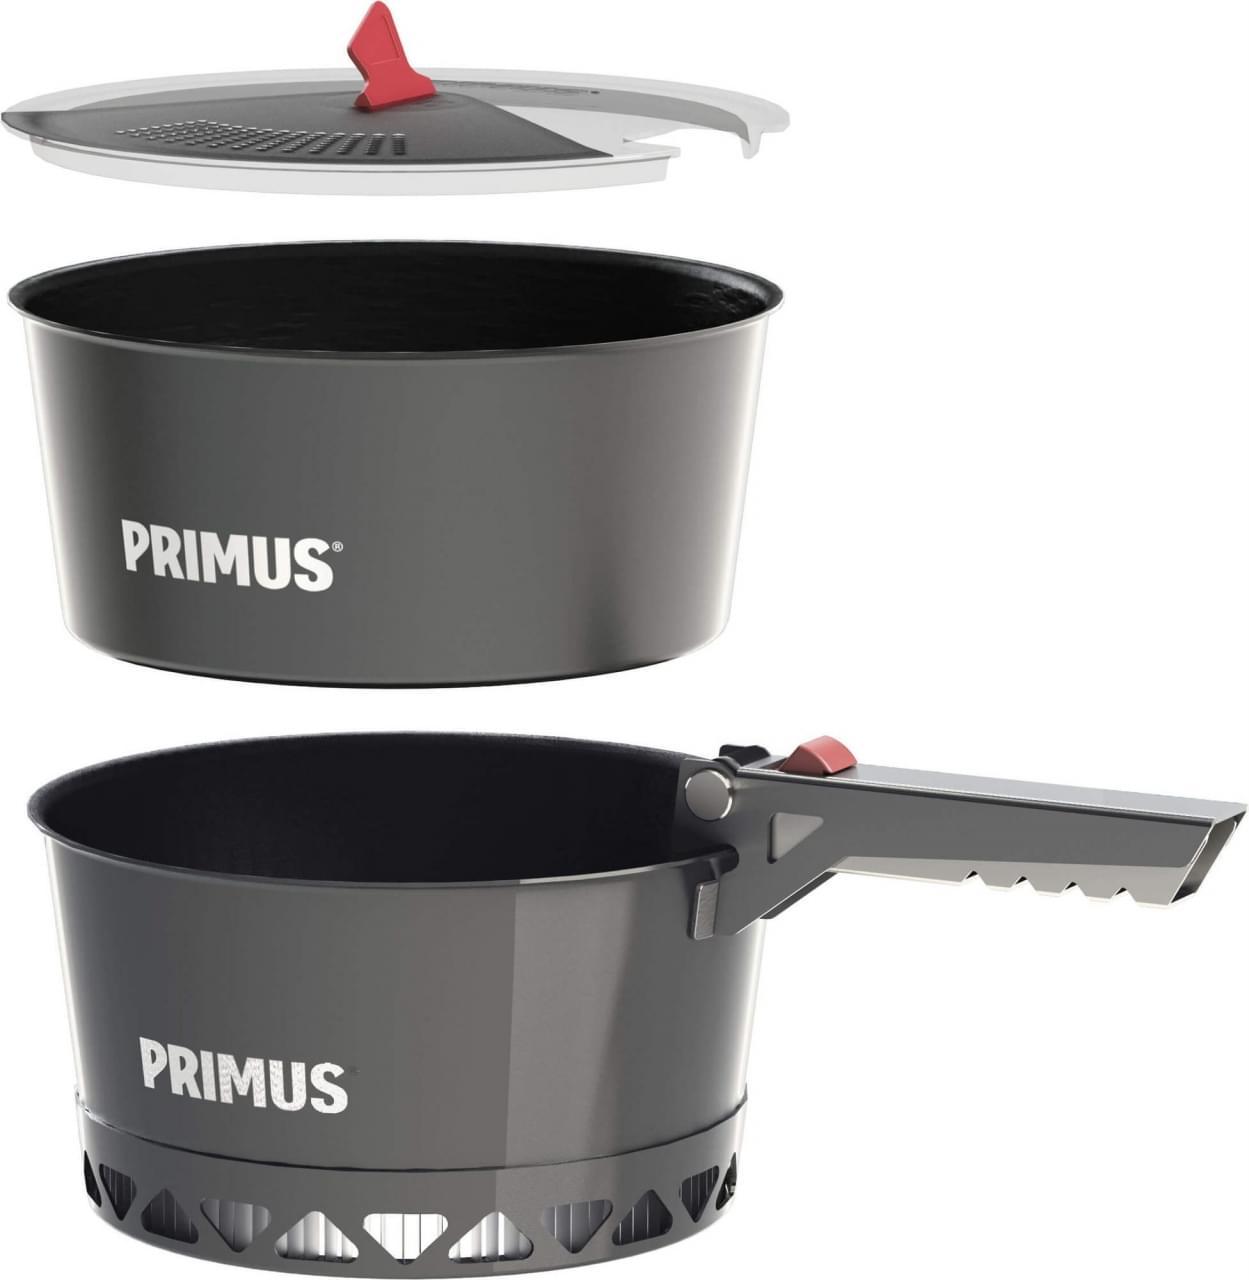 Primus PrimeTech Pot Set 1.3L Pannenset